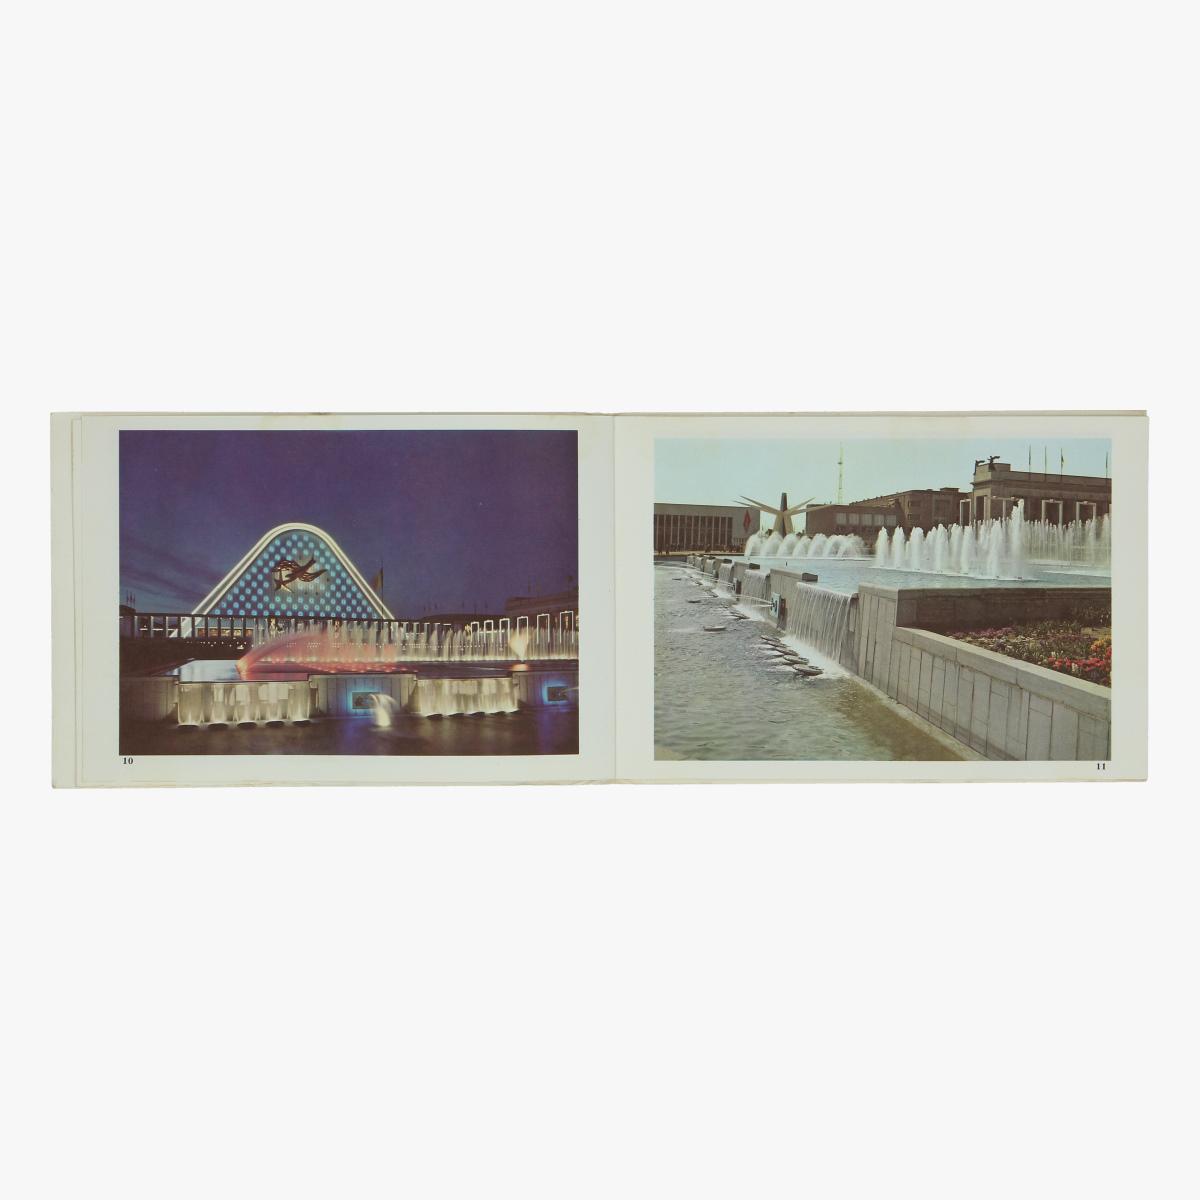 Afbeeldingen van expo 58 album souvenir